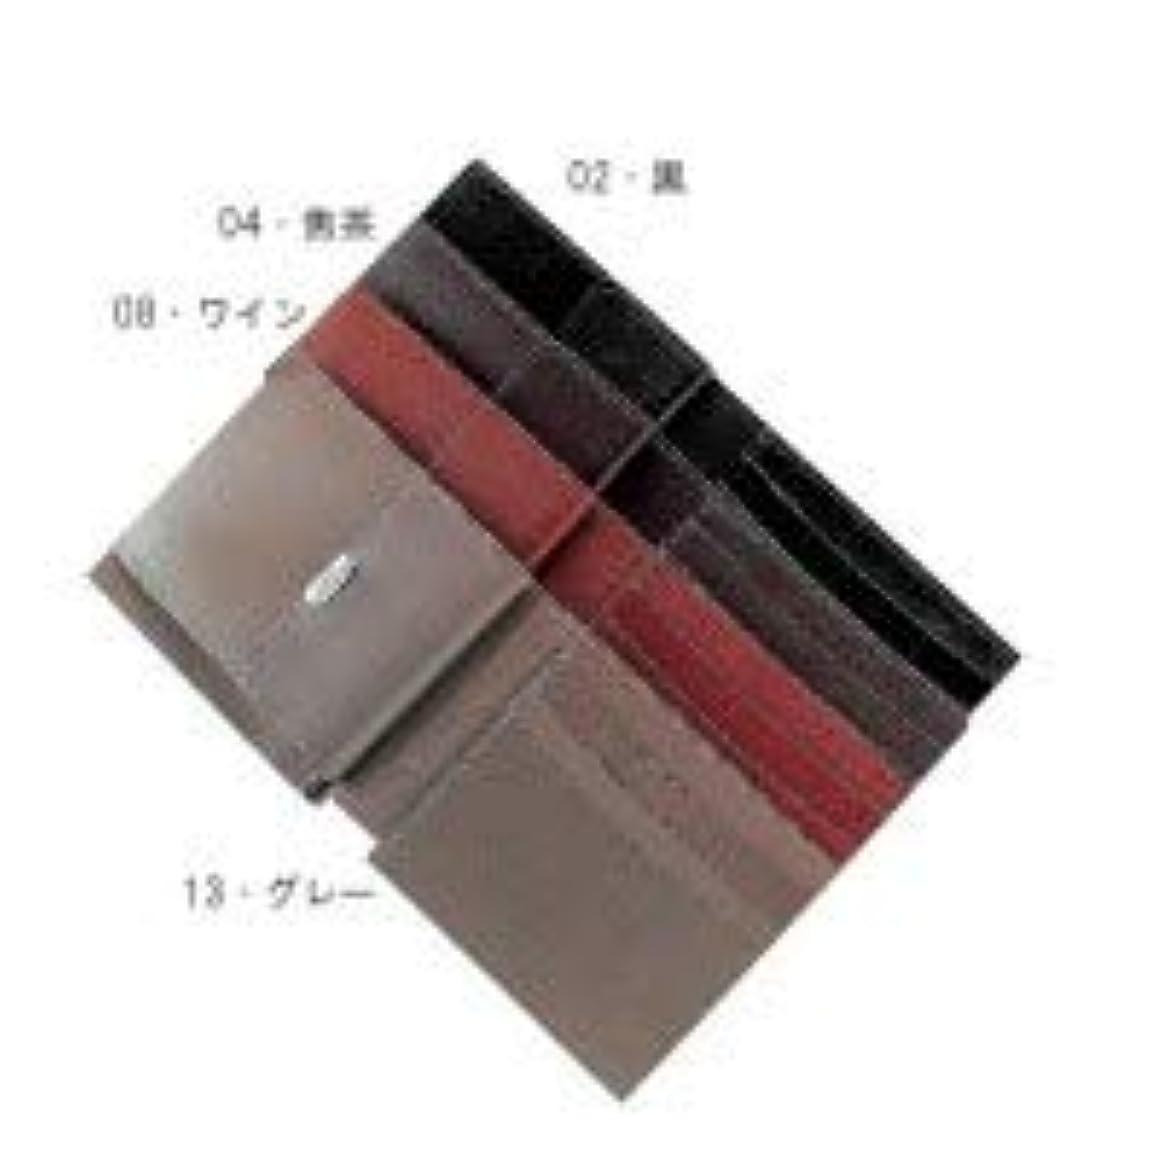 船乗りトランペット最初クラフト社 レザークラフト用半製品 財布 カードケース付札入 9.5×21.5cm 4538 13?グレー